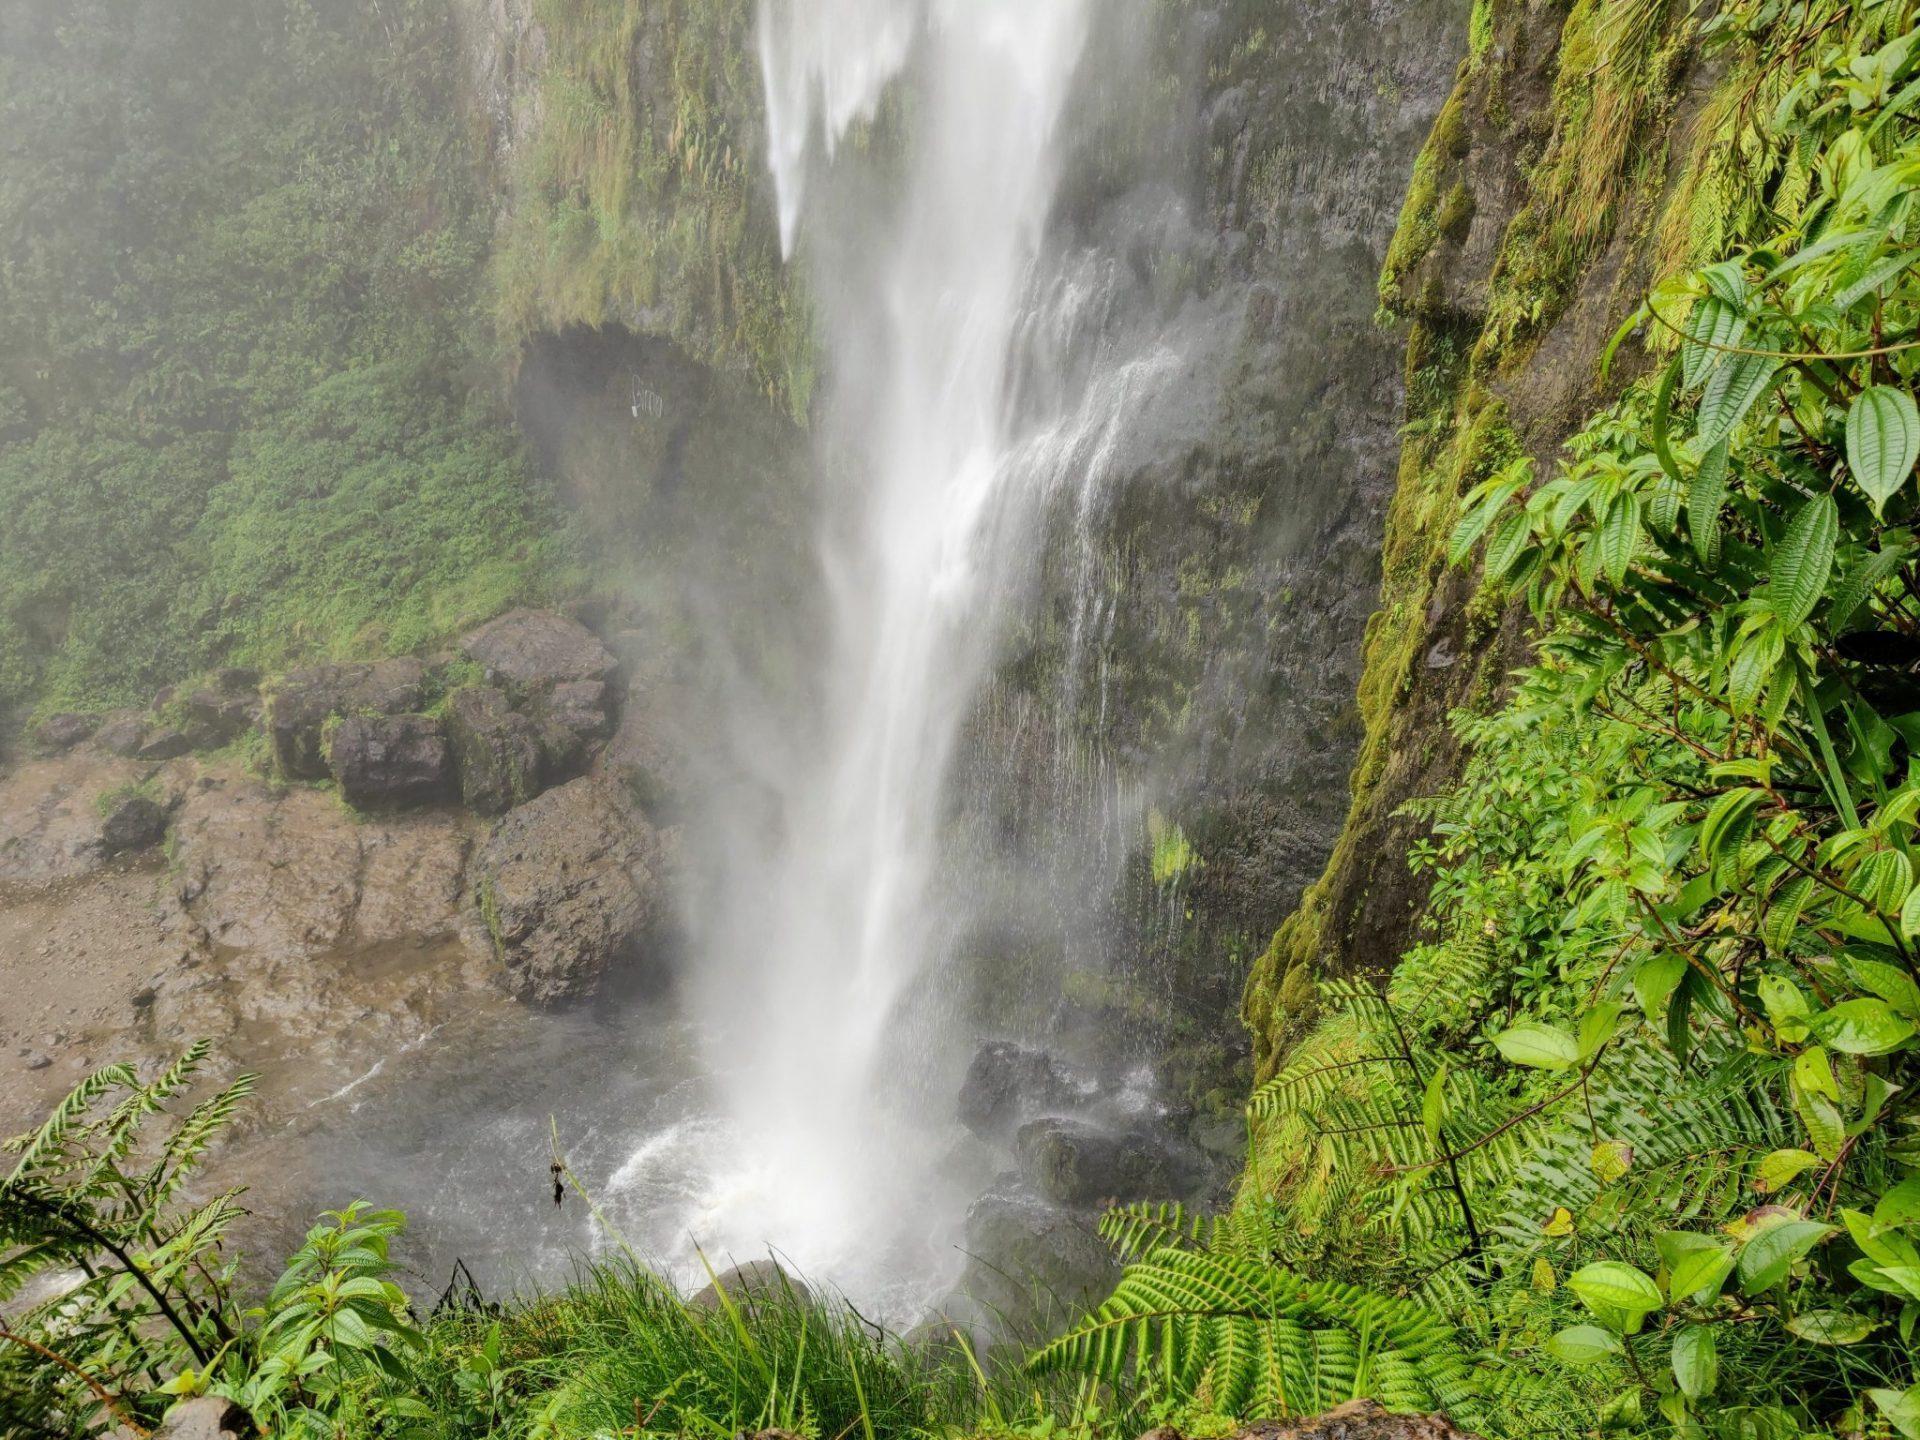 El Chorro de Giron Waterfall near Cuenca